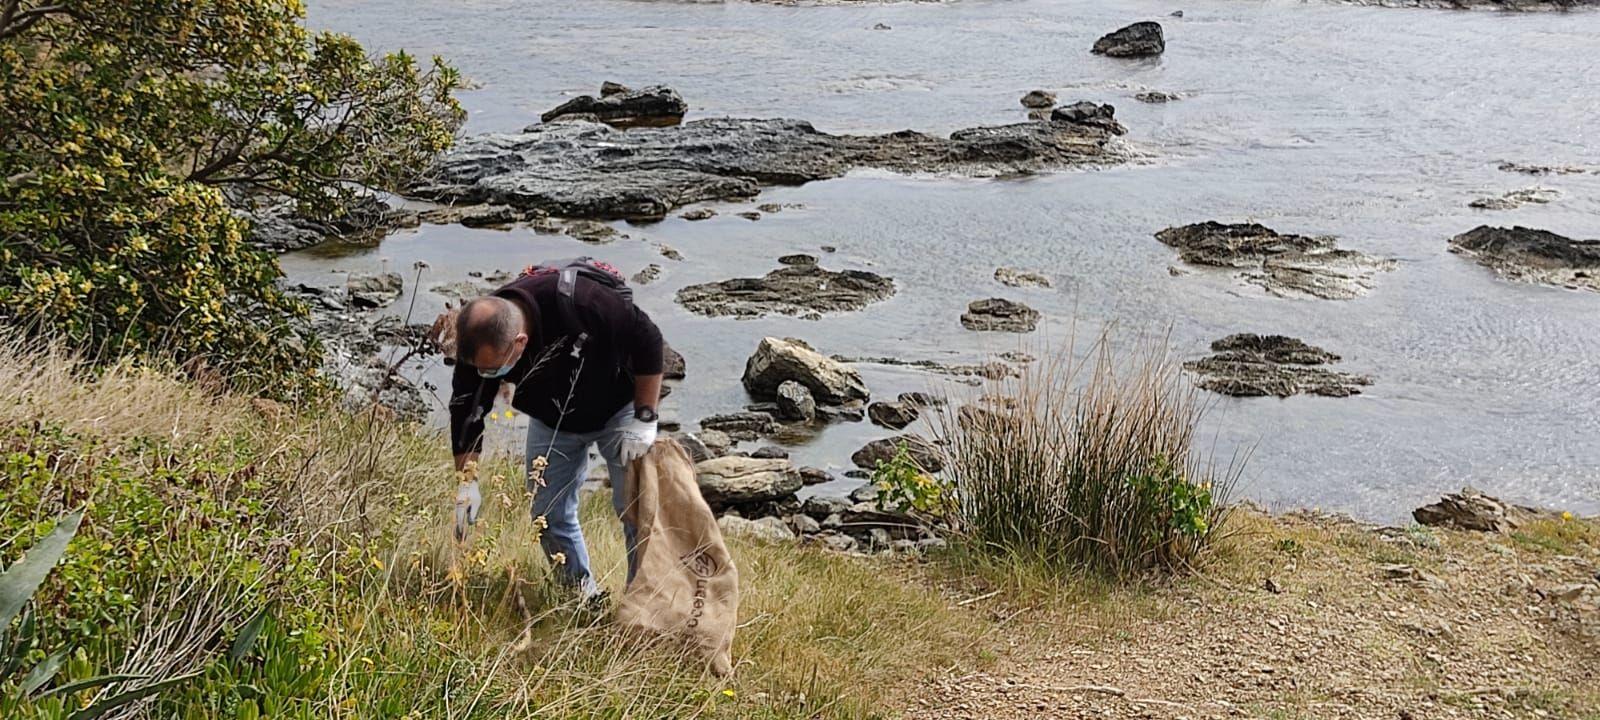 Platges Netes de Llançà retira brossa de Carbonera i Moner